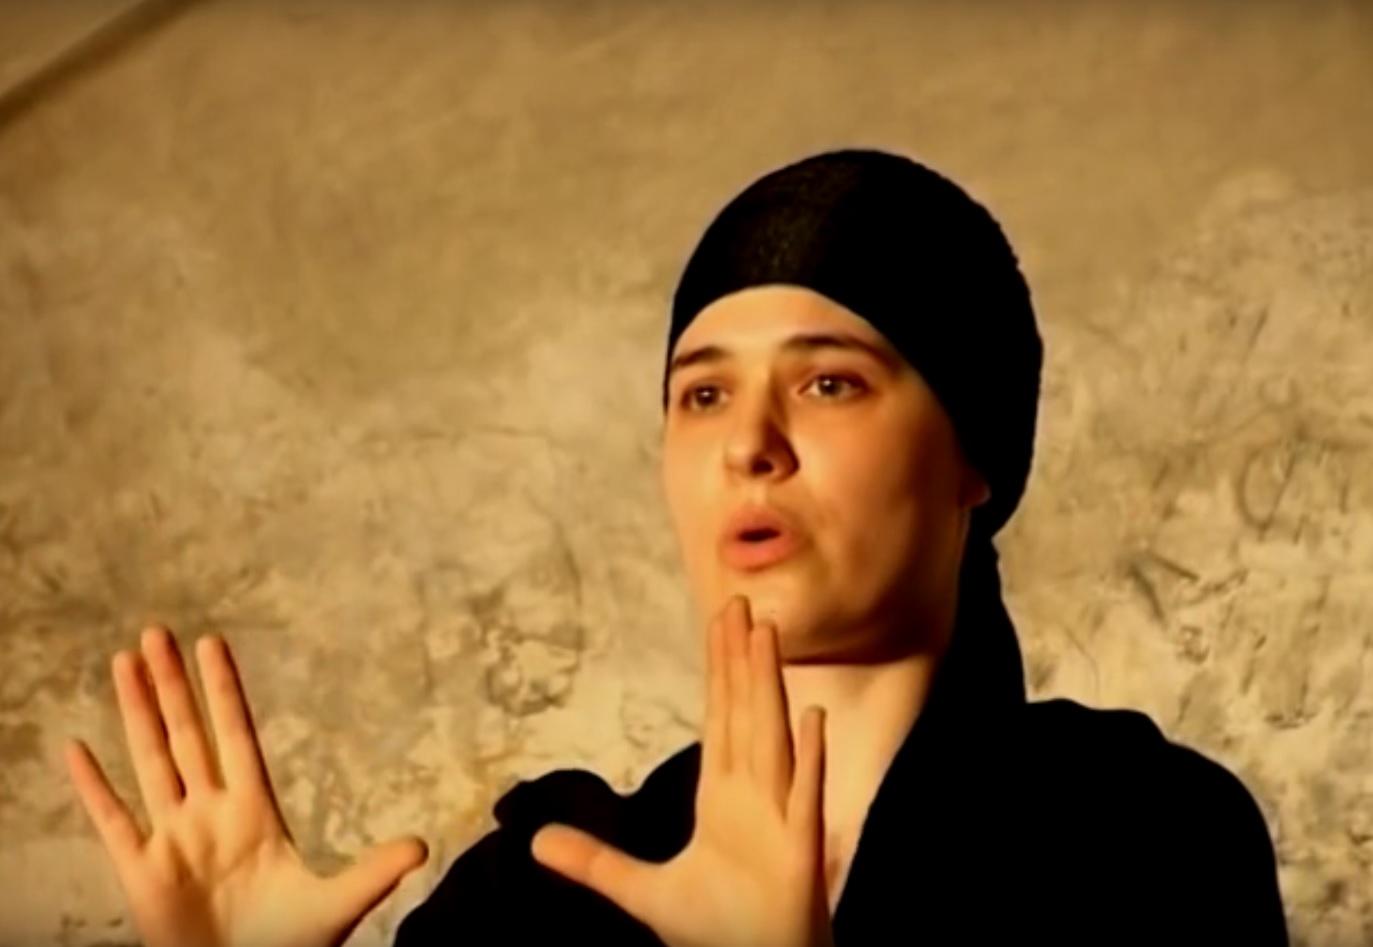 VIDEO: ČUDESNI GLAS - Jeste li kad čuli da netko pjeva u dva tona istovremeno?